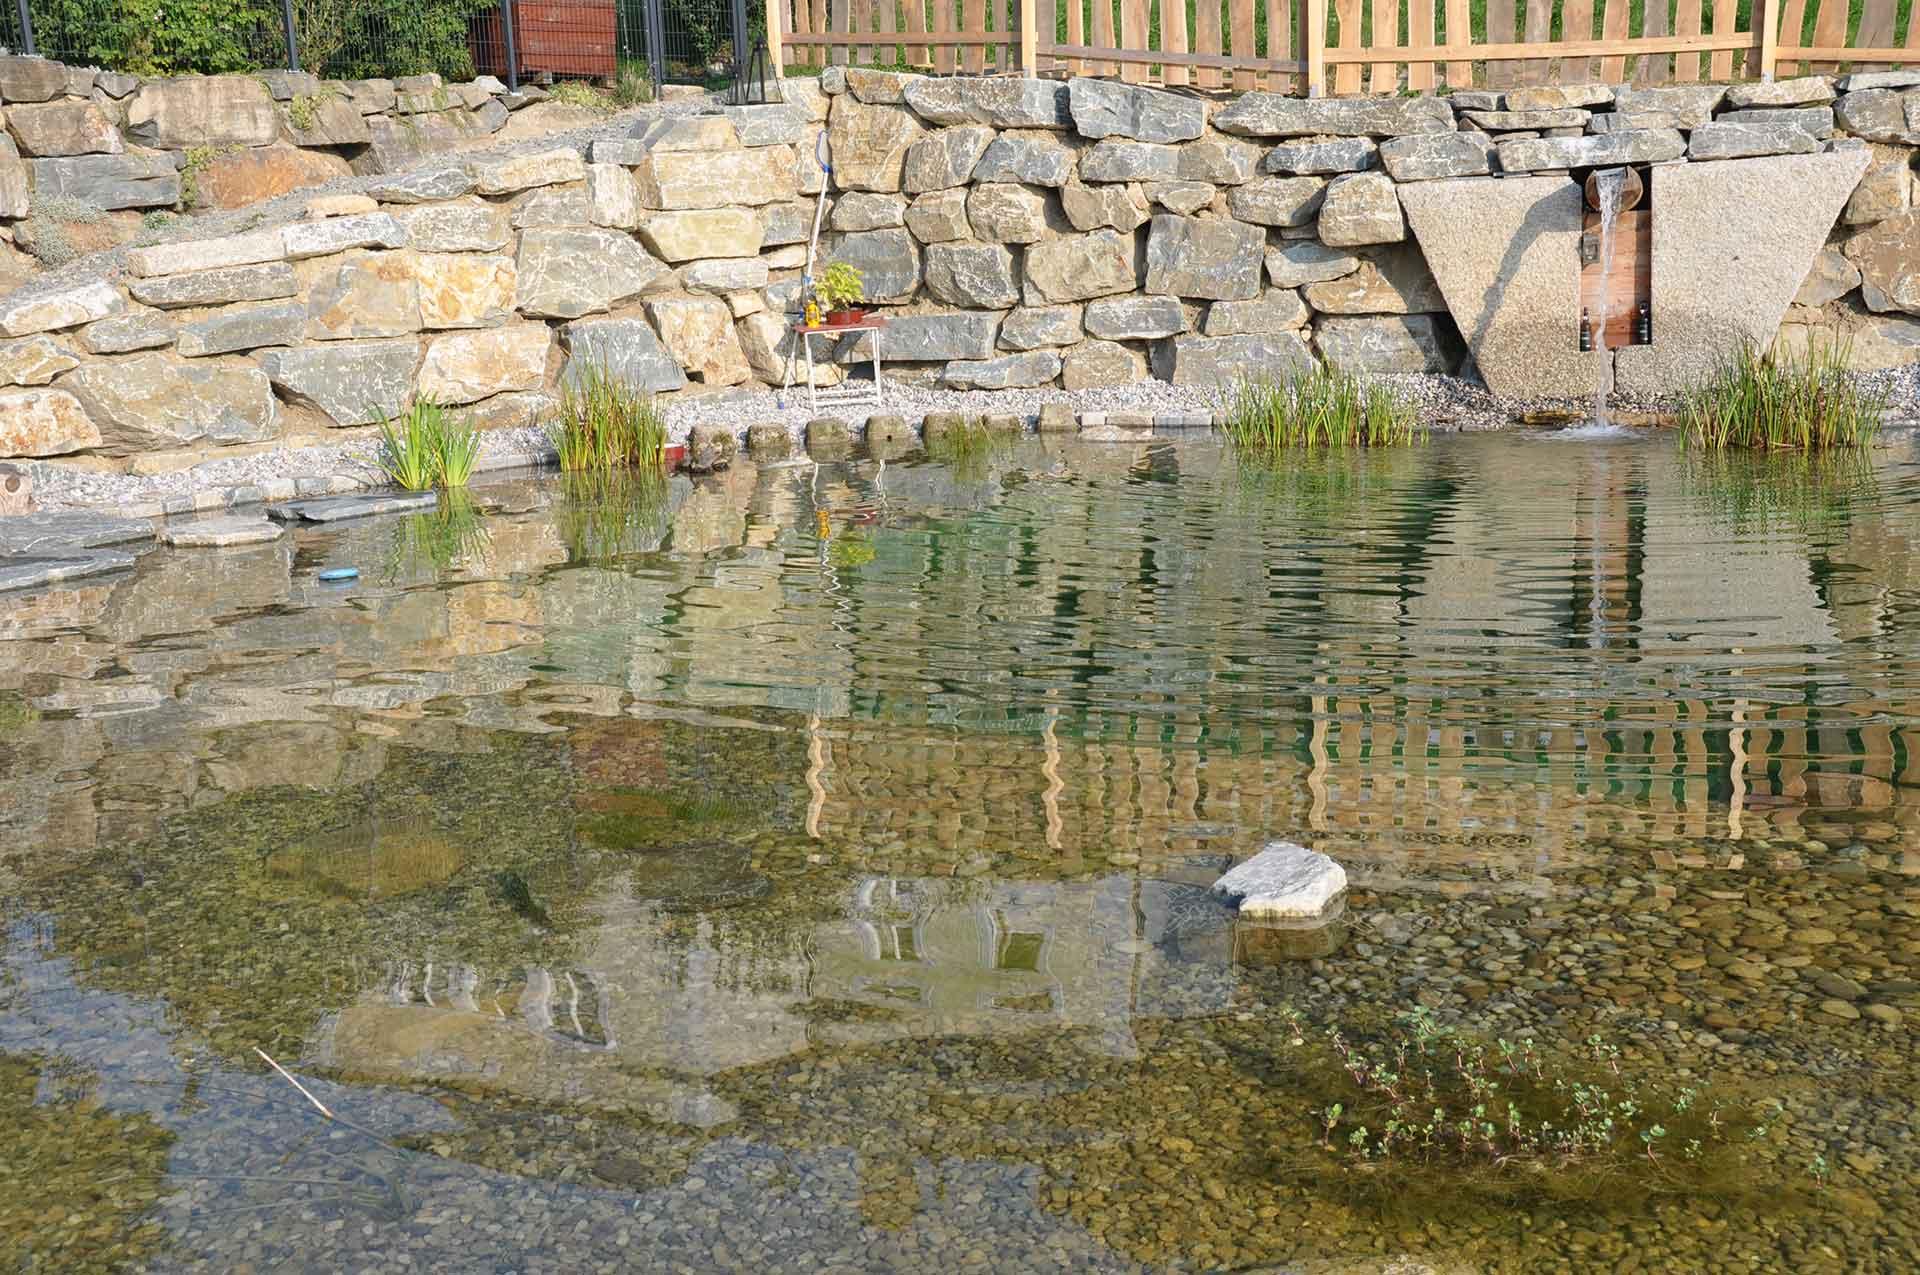 Hangsicherung, Natursteinmauer mit Bagger verlegt, Gartengestaltung, Teich, Naturteich, Schwimmteich